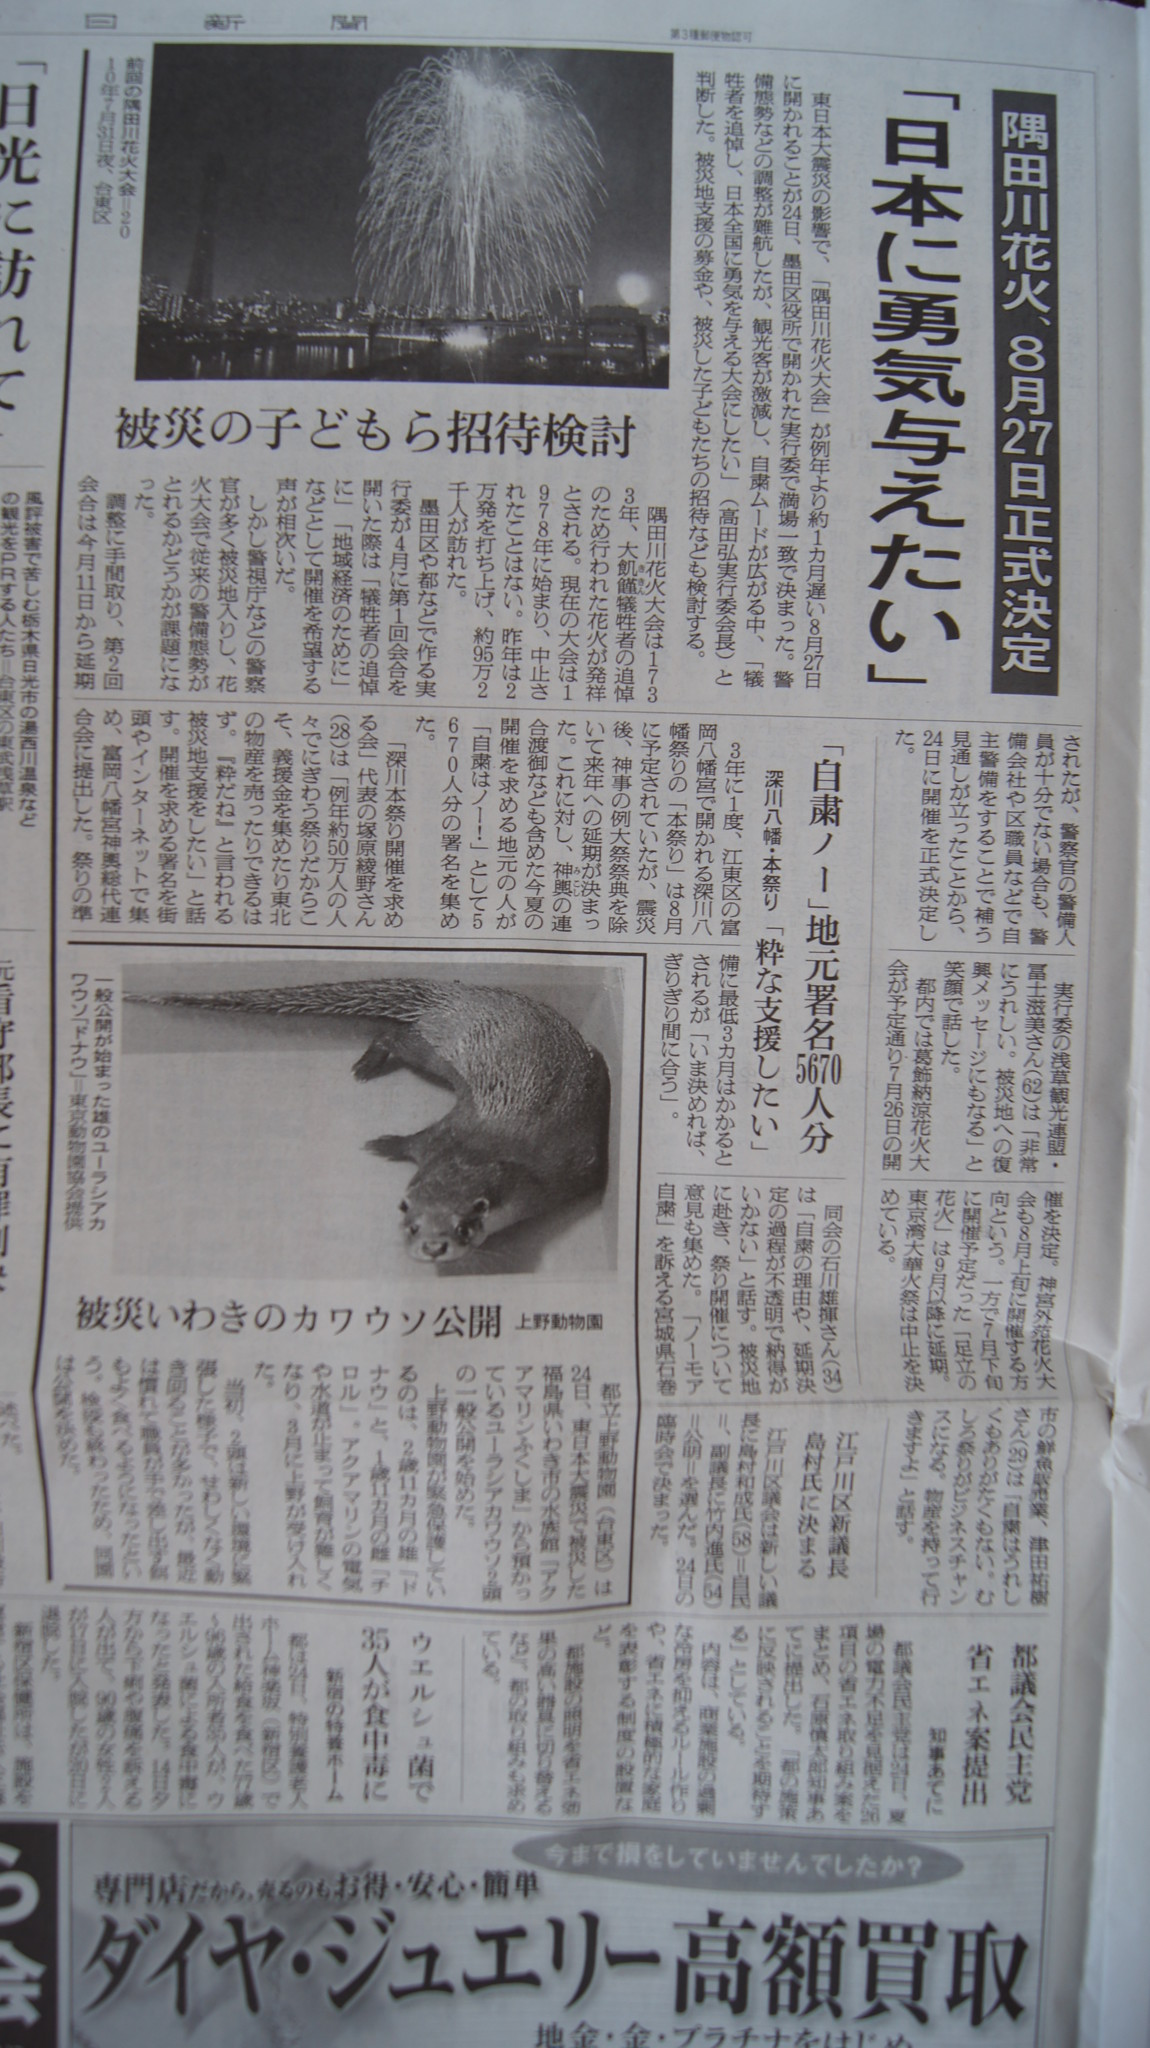 朝日新聞 5.25 求める会 記事2